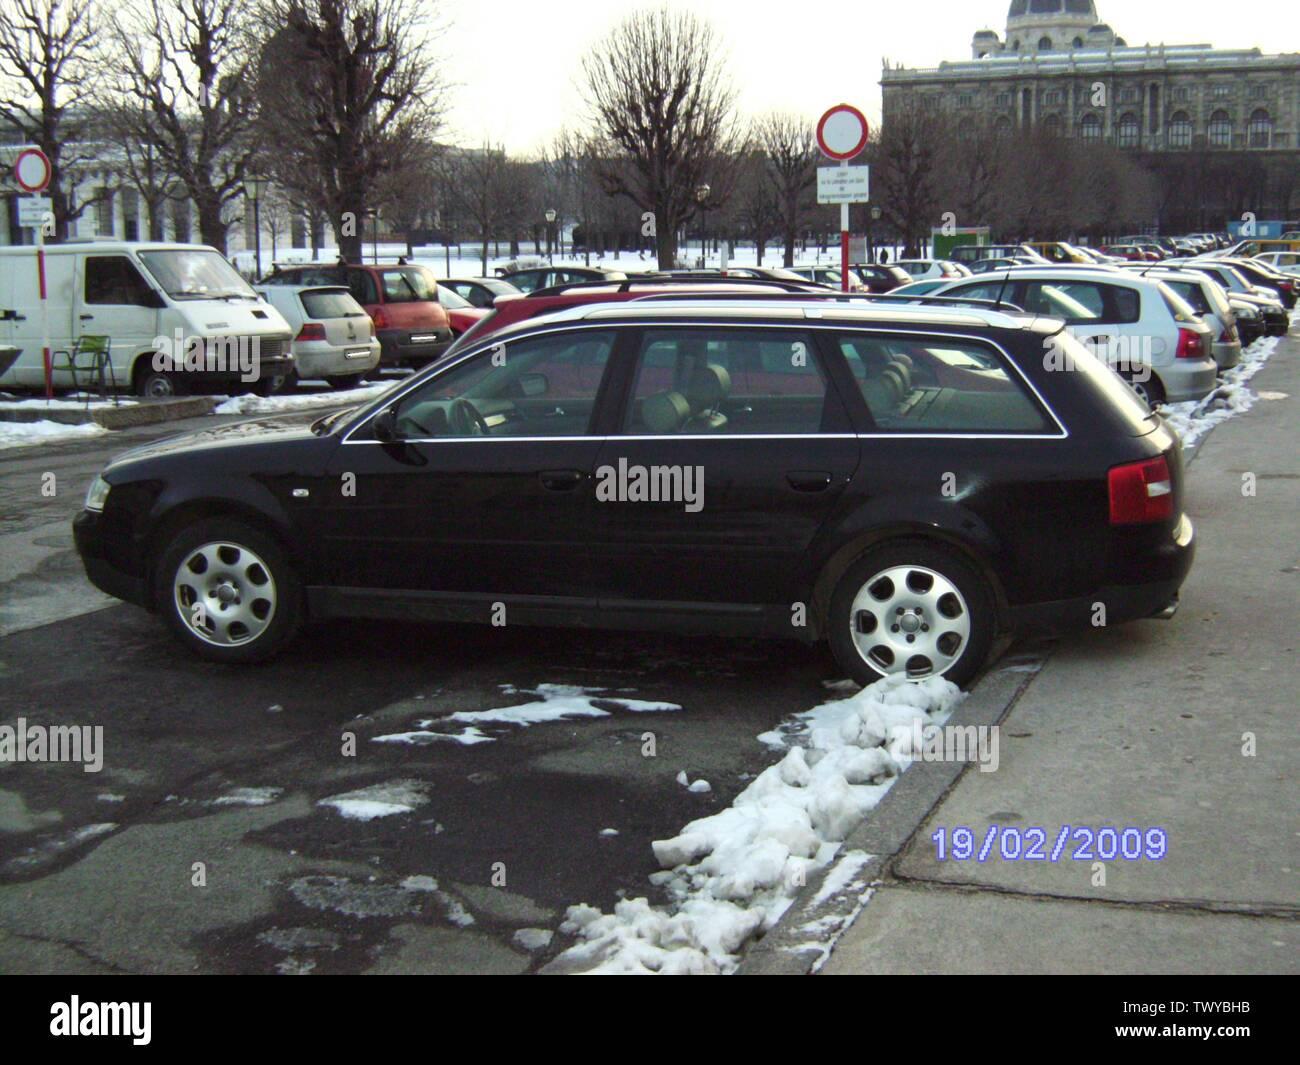 Volvo S90 Stock Photos & Volvo S90 Stock Images - Alamy